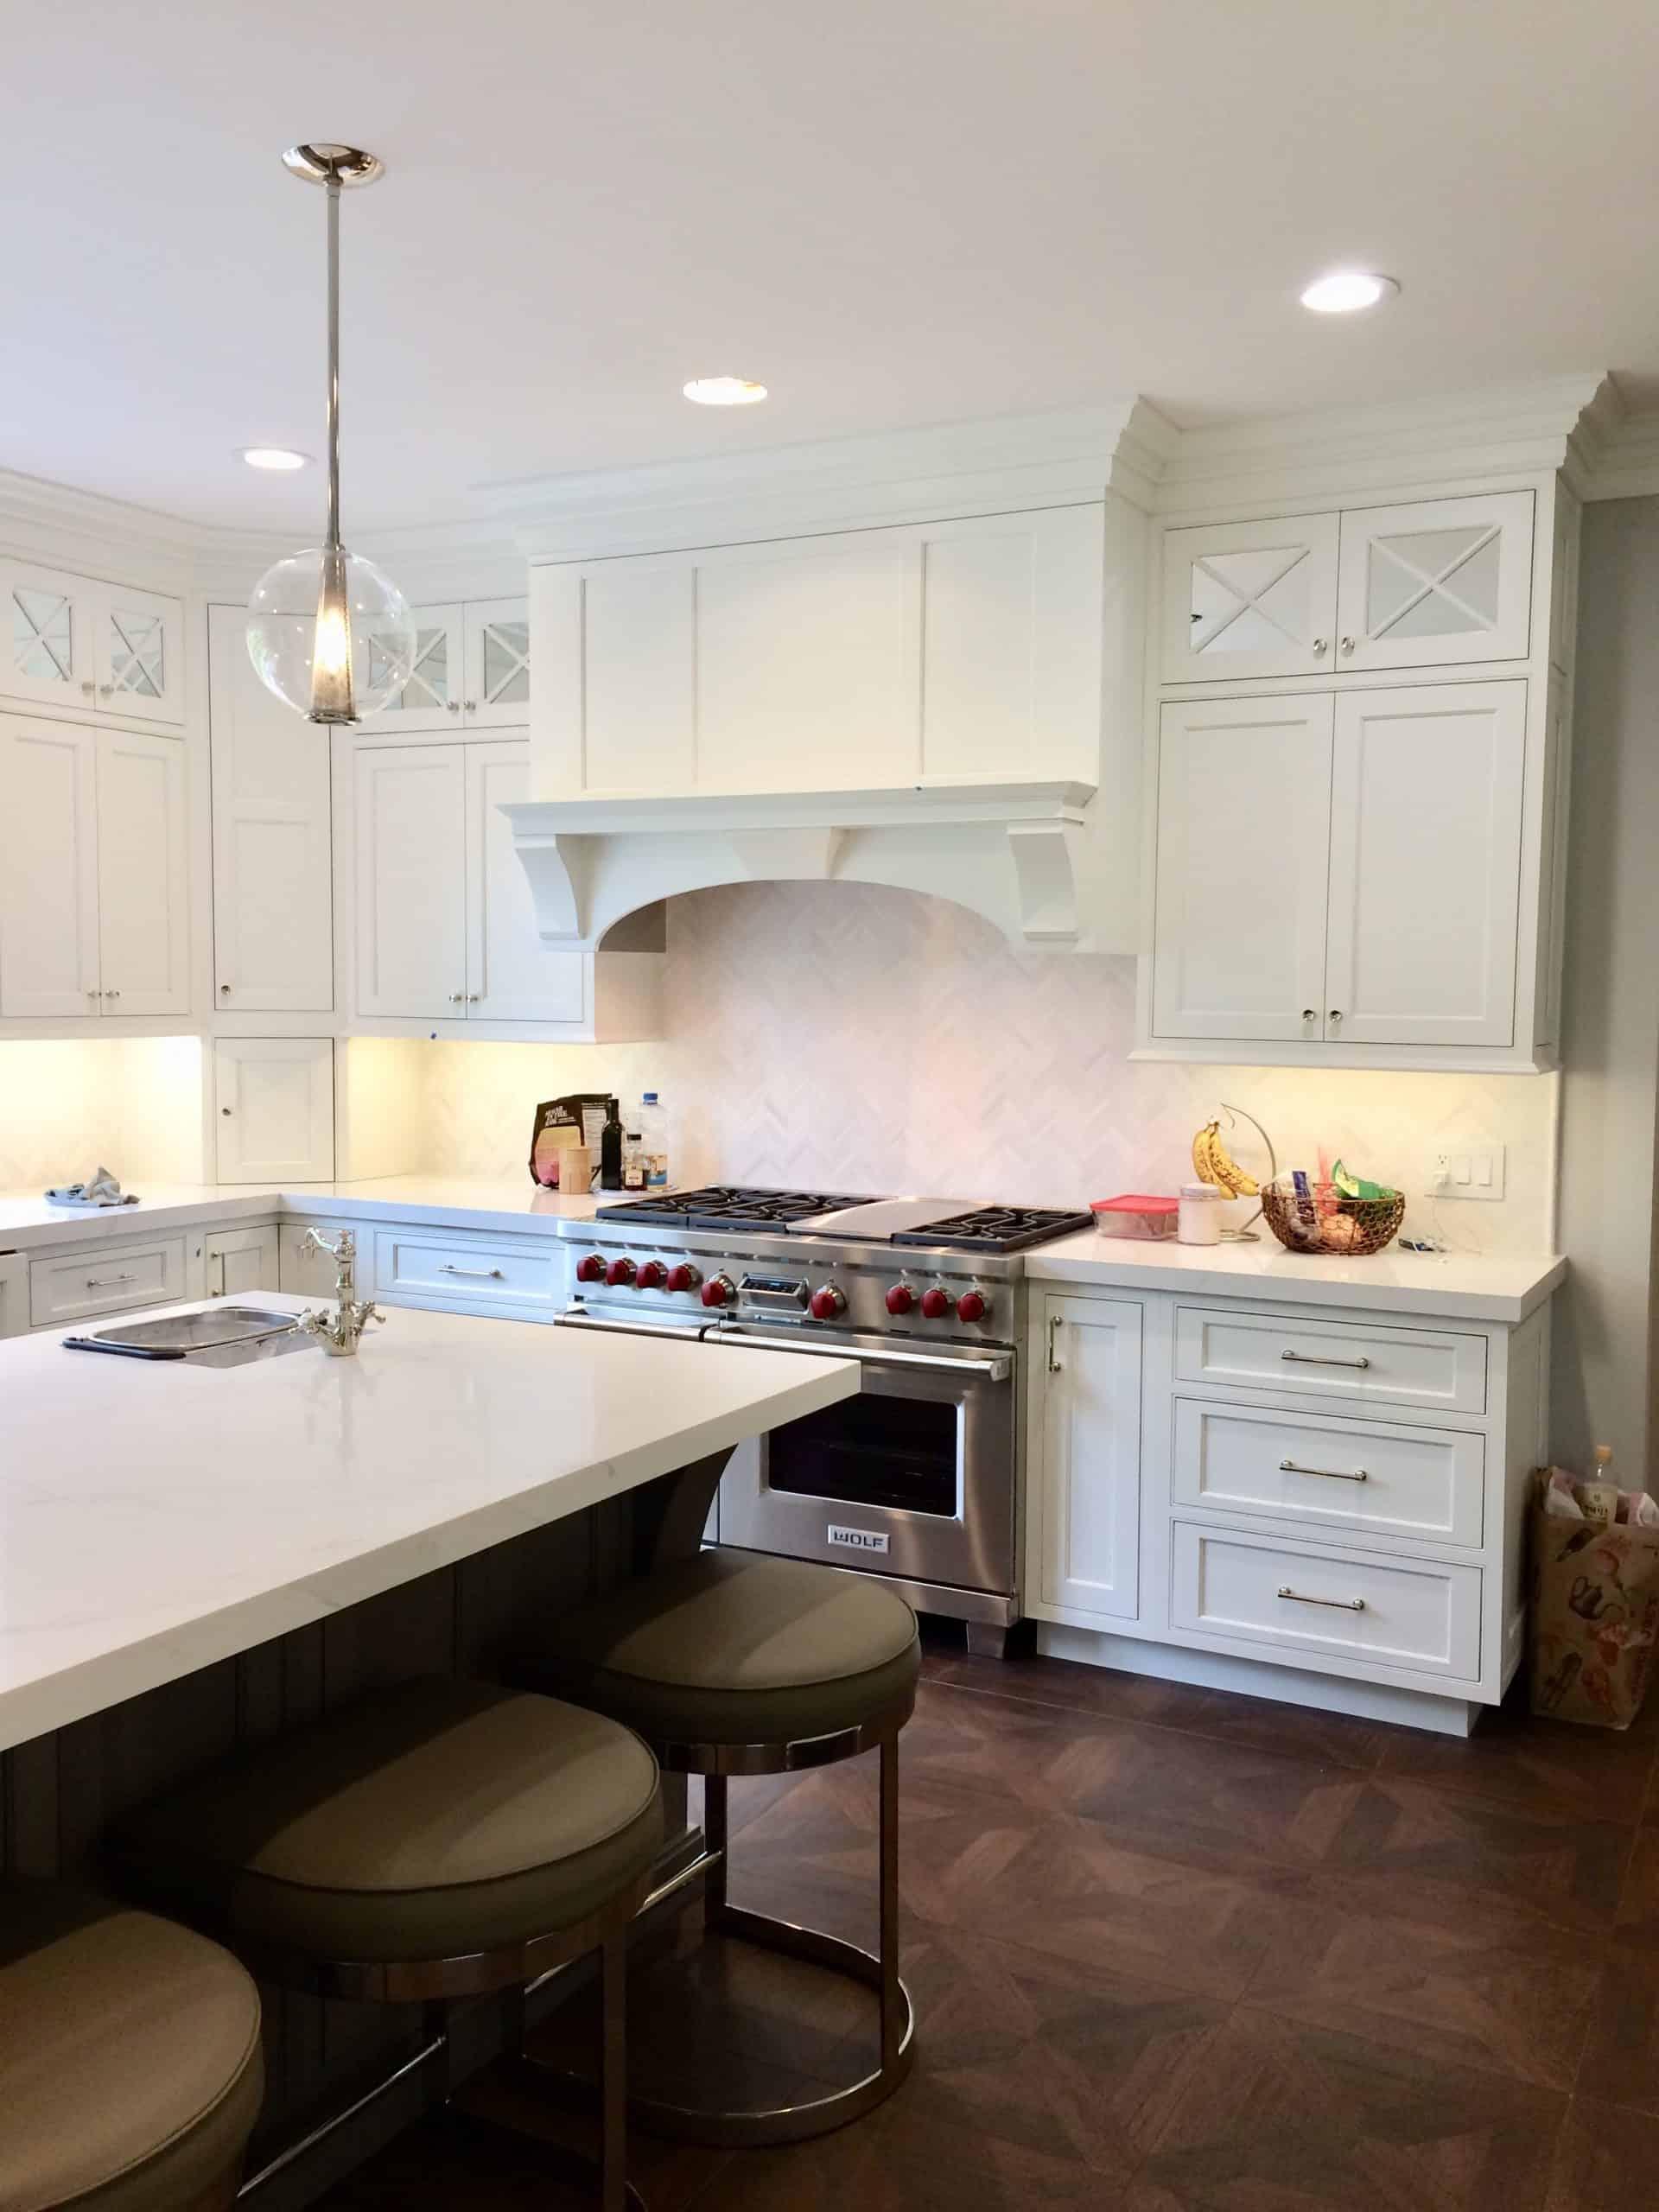 Marble backsplash in kitchen